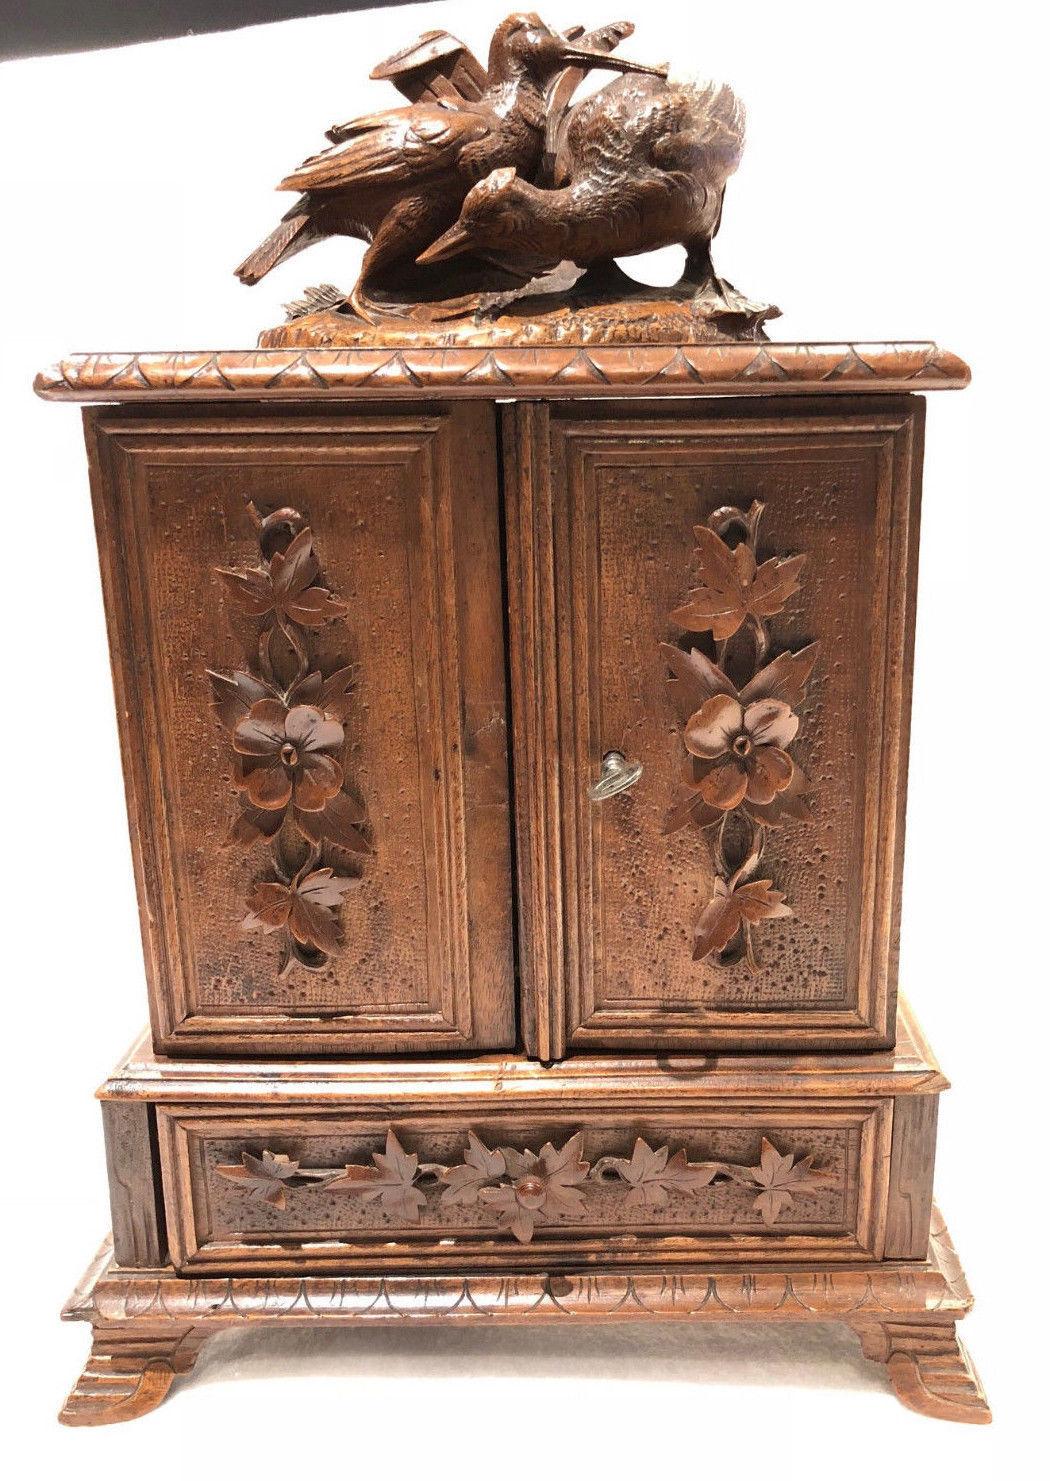 Antique Black Forest Desk Cigar Cabinet, Chest, Box, Presentation Server  Birds - Antique Black Forest Desk Cigar Cabinet, And 50 Similar Items